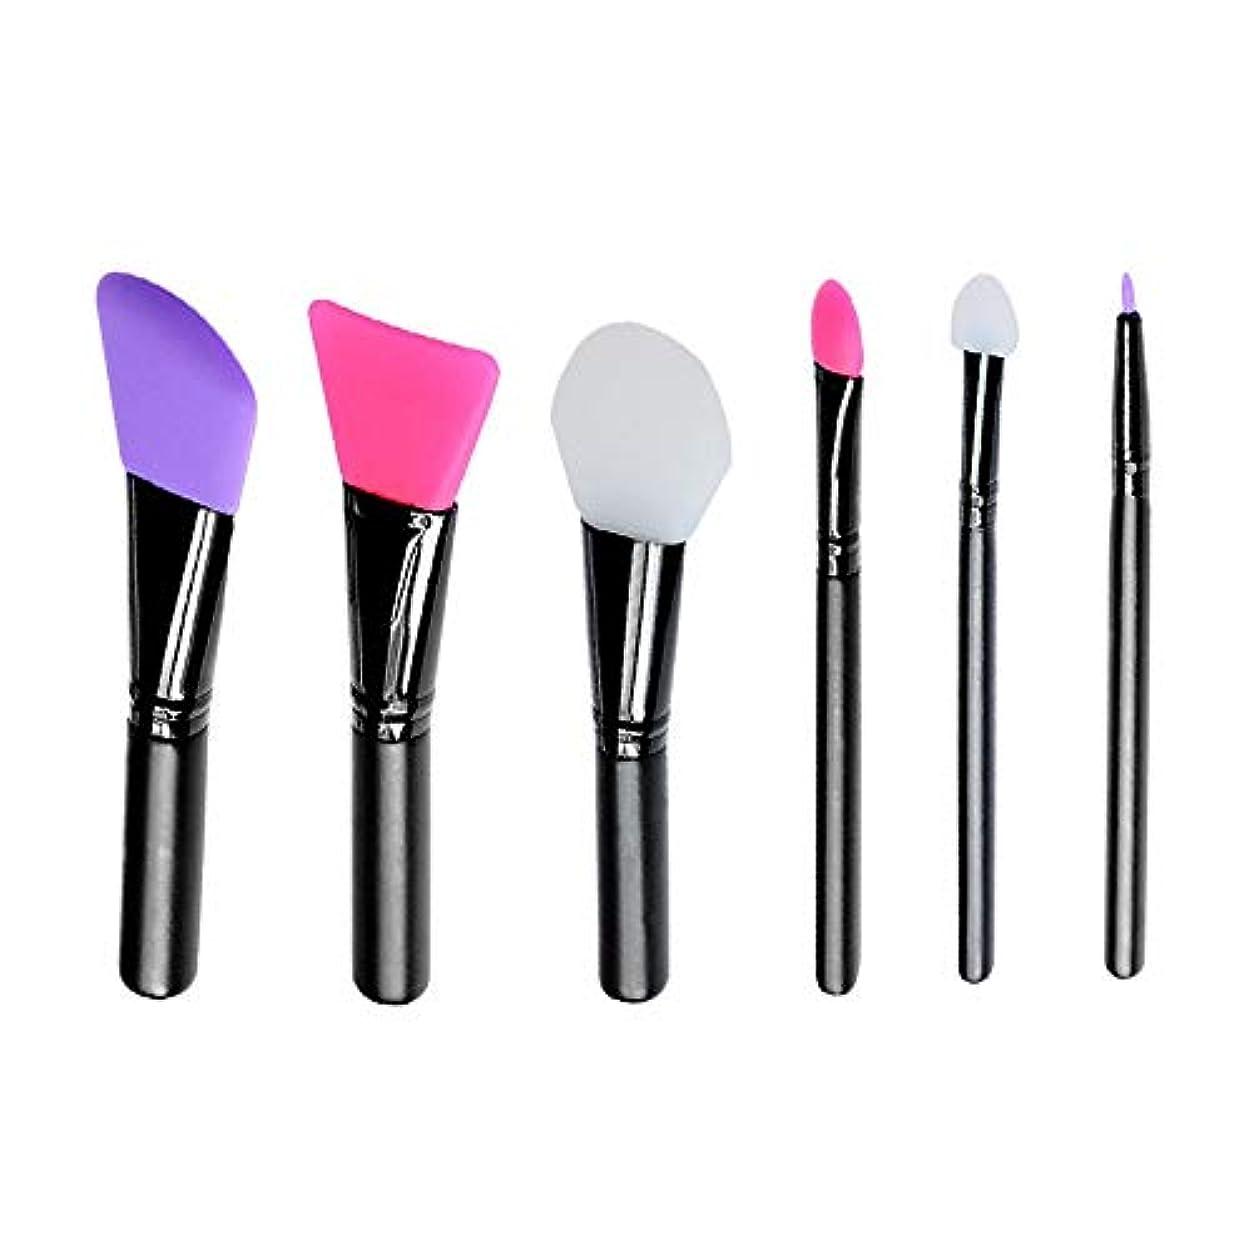 いちゃつく右祝福Makeup brushes カラーメイクアップ6シリコーン混合マスクブラシ suits (Color : Black)